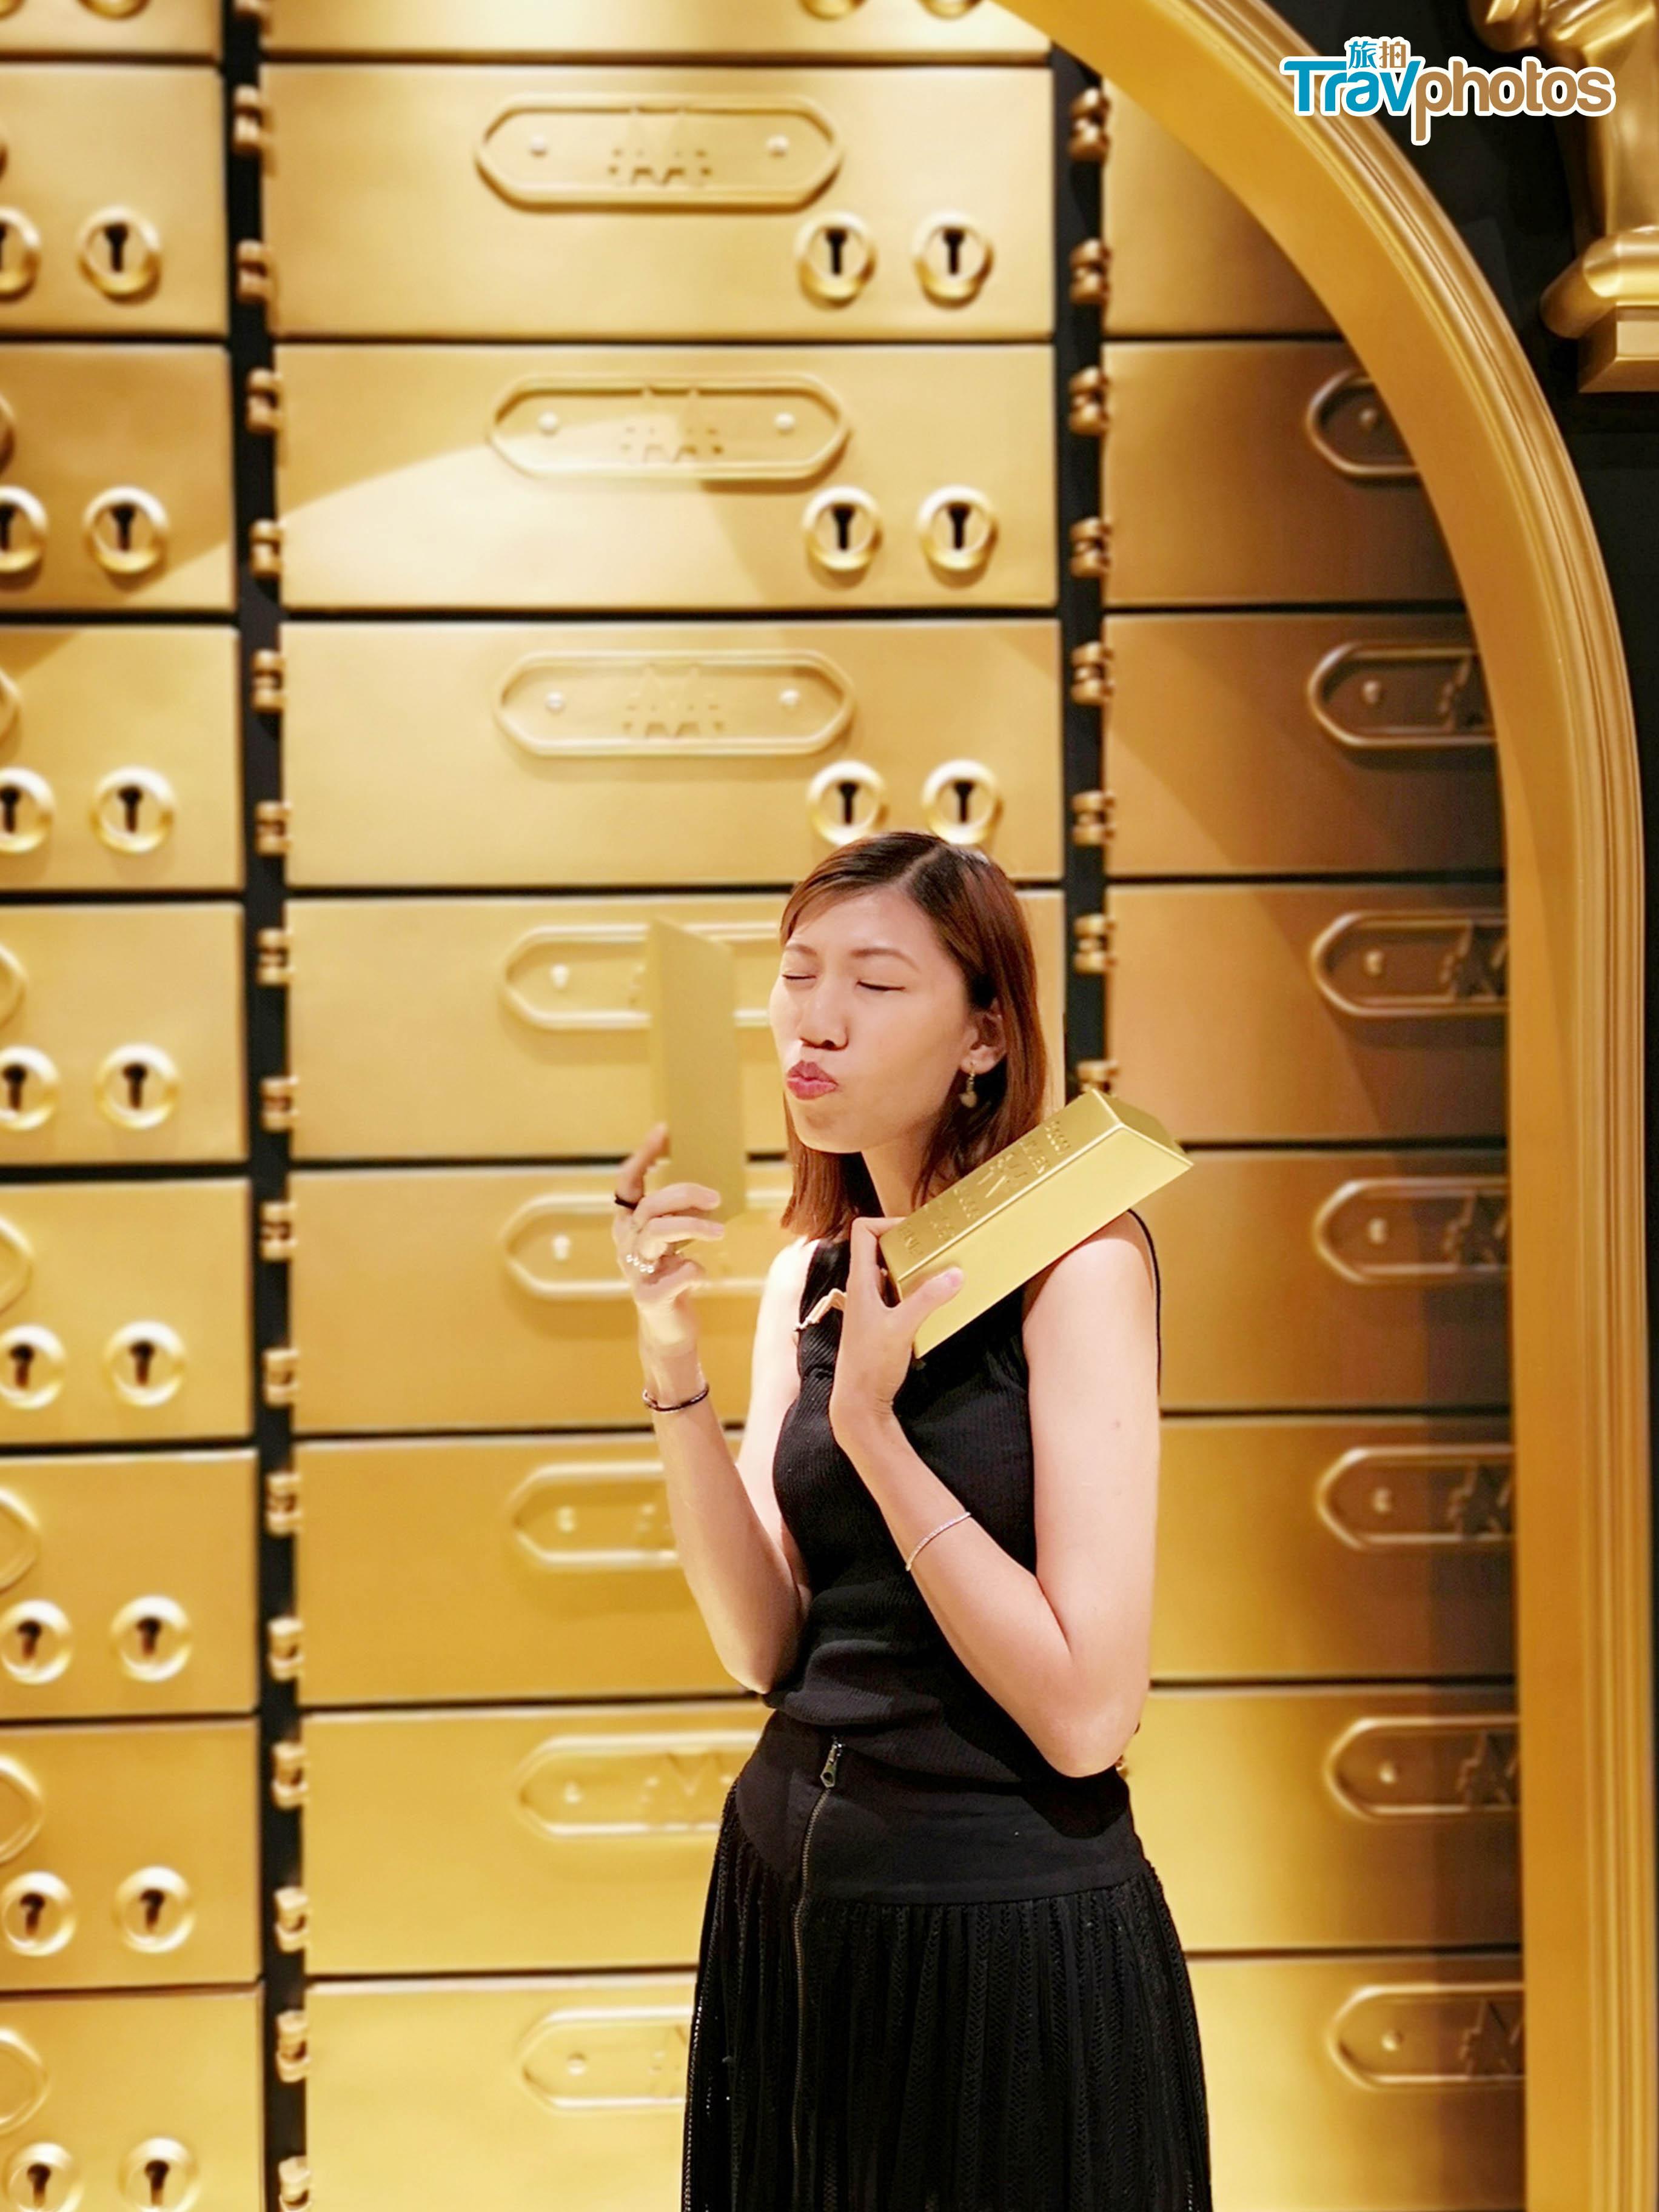 hk_c_1584430342642077693.jpg